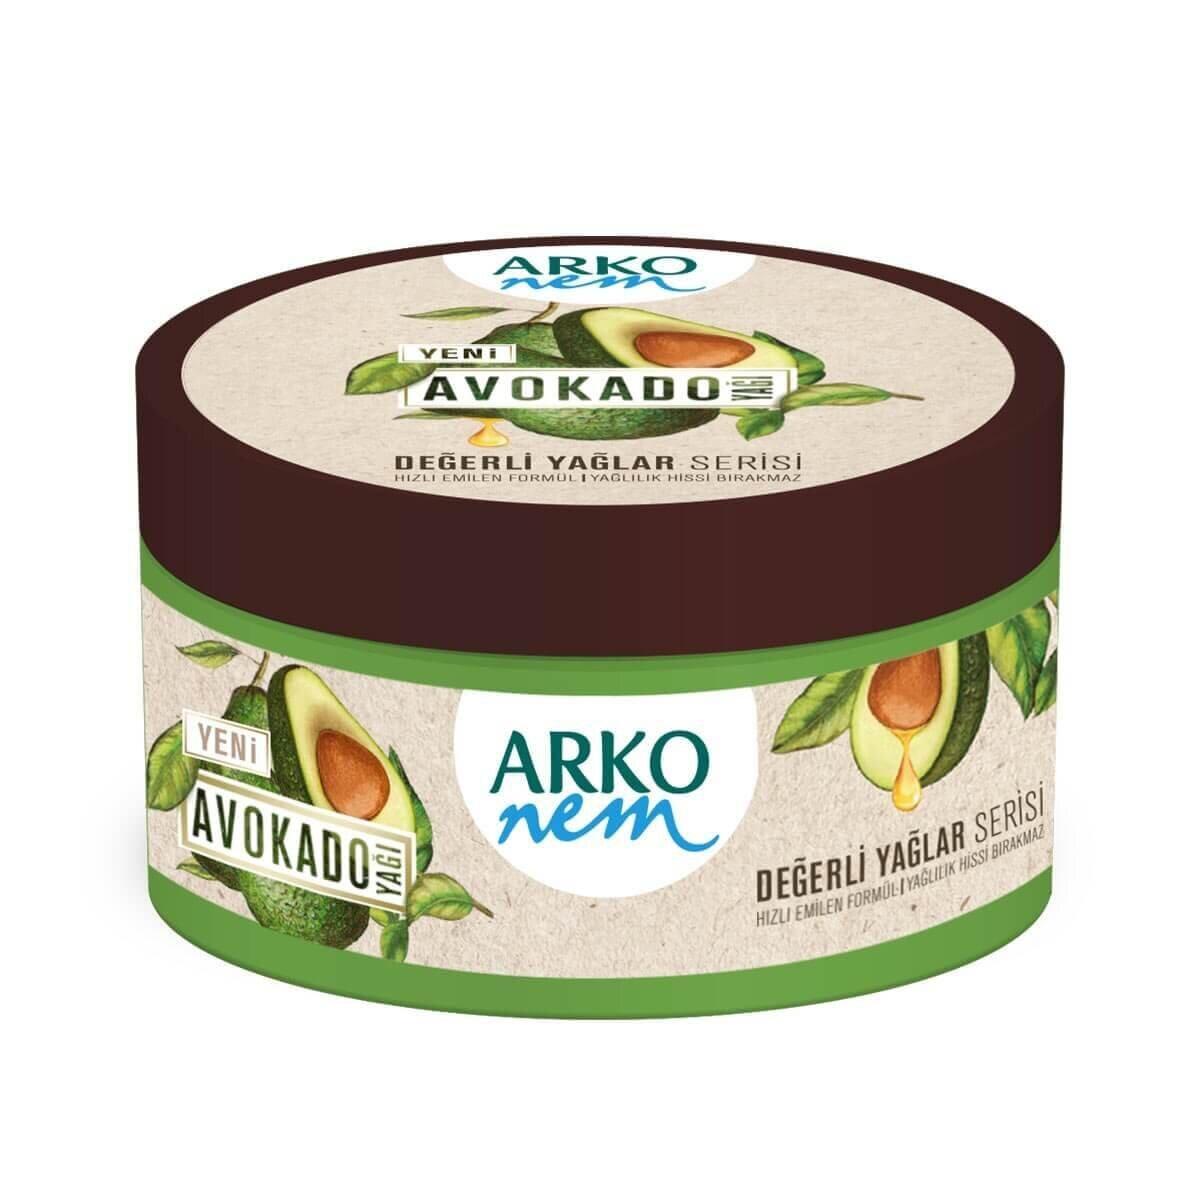 Değerli Yağlar Serisi Avokado Krem 250 ml